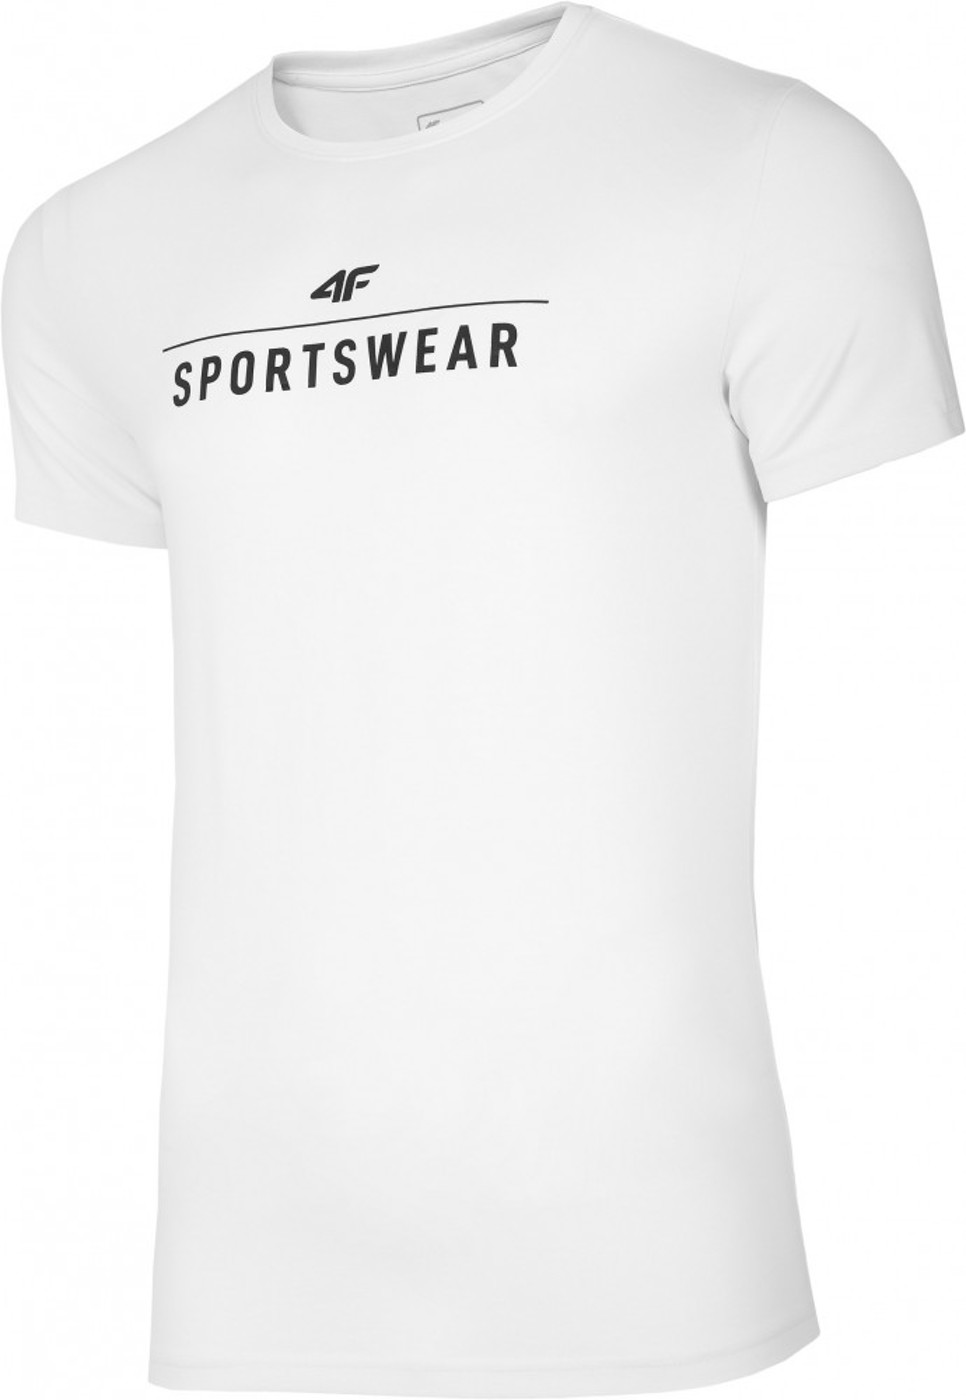 4F TSM005 T-Shirt - Herren